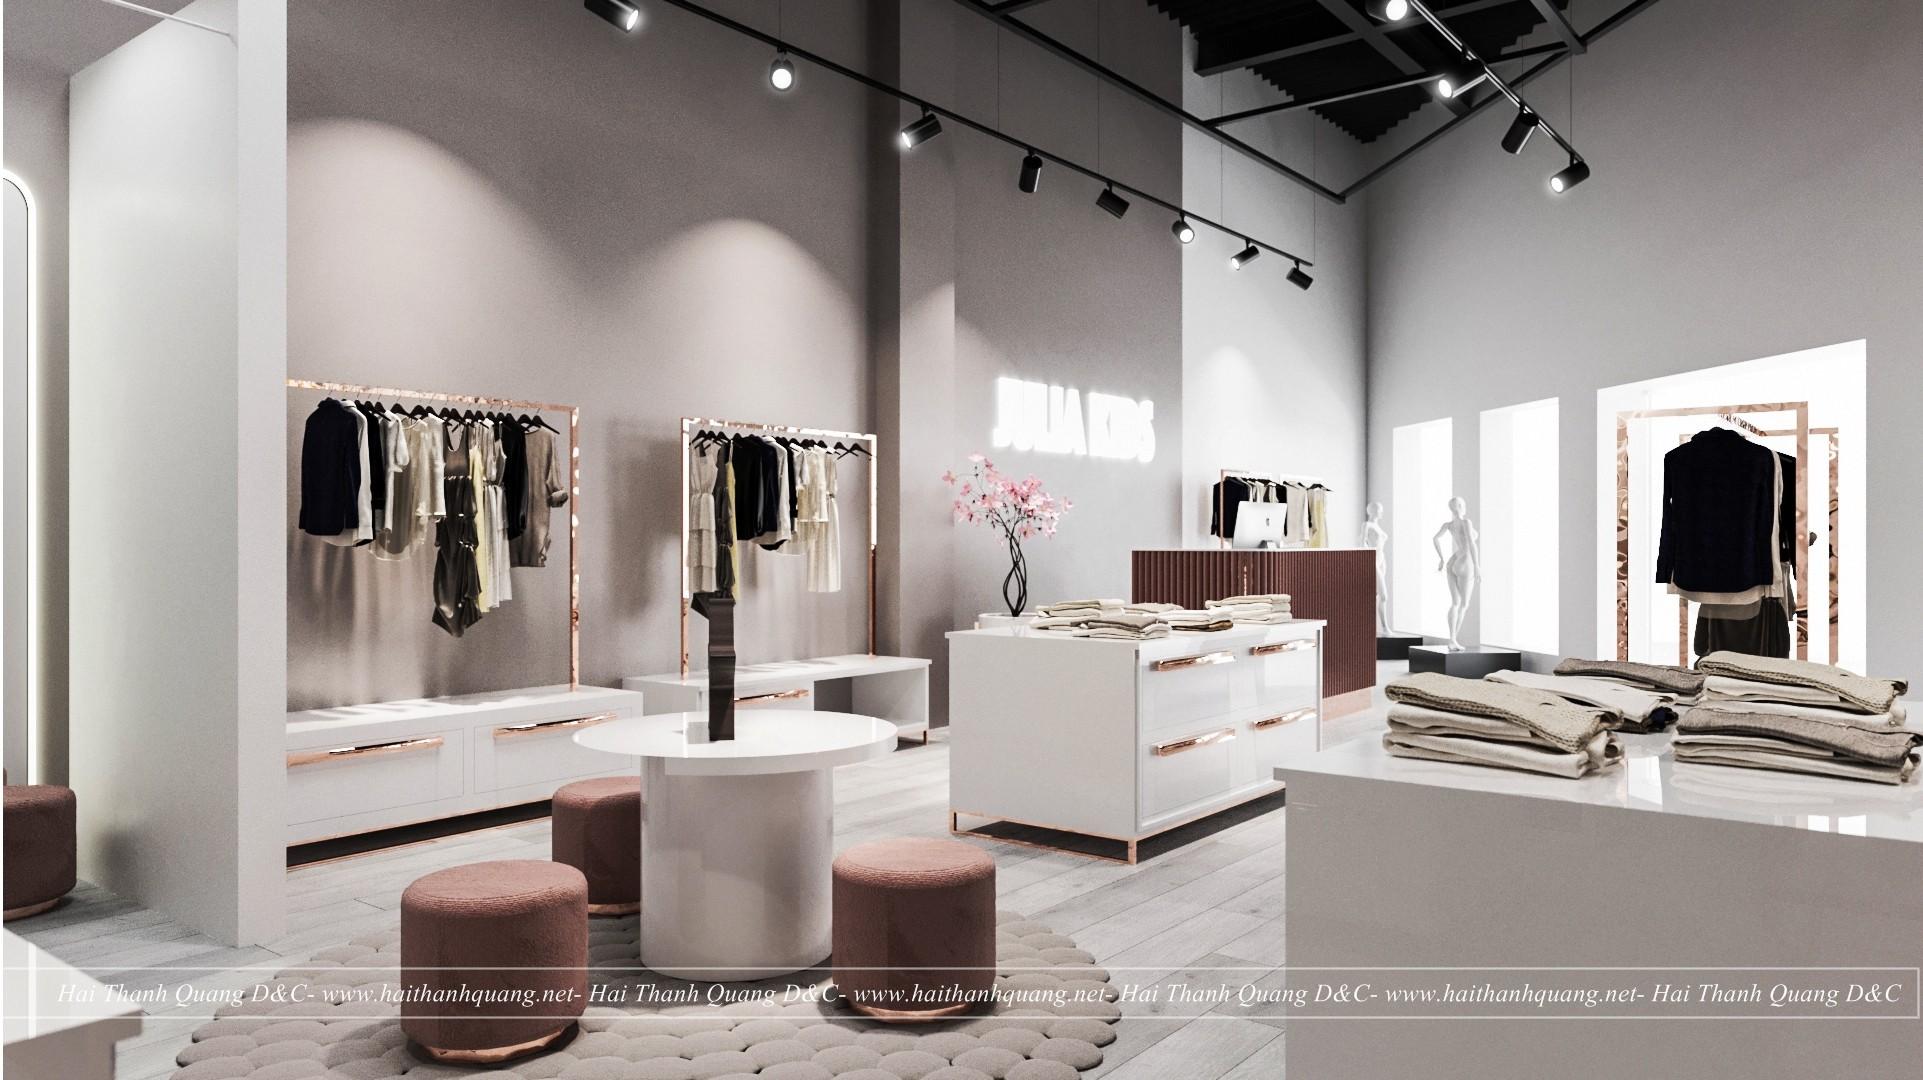 Thiết Kế Shop Thời Trang Ở Quy Nhơn HTQ017